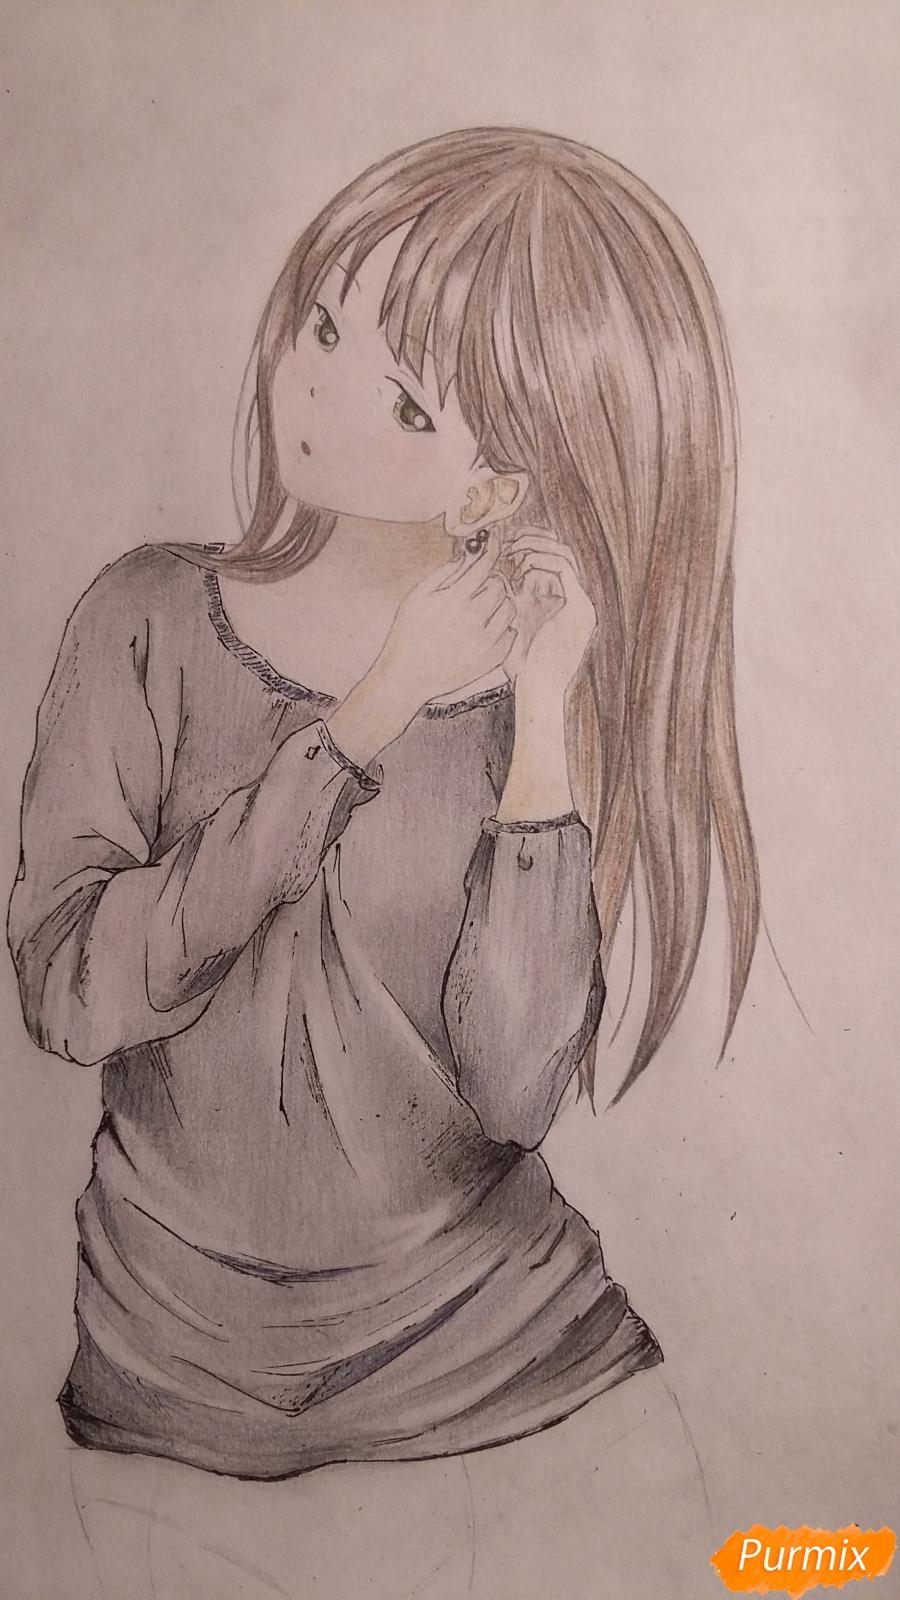 Рисуем милую девушку в аниме стиле карандашами - шаг 8